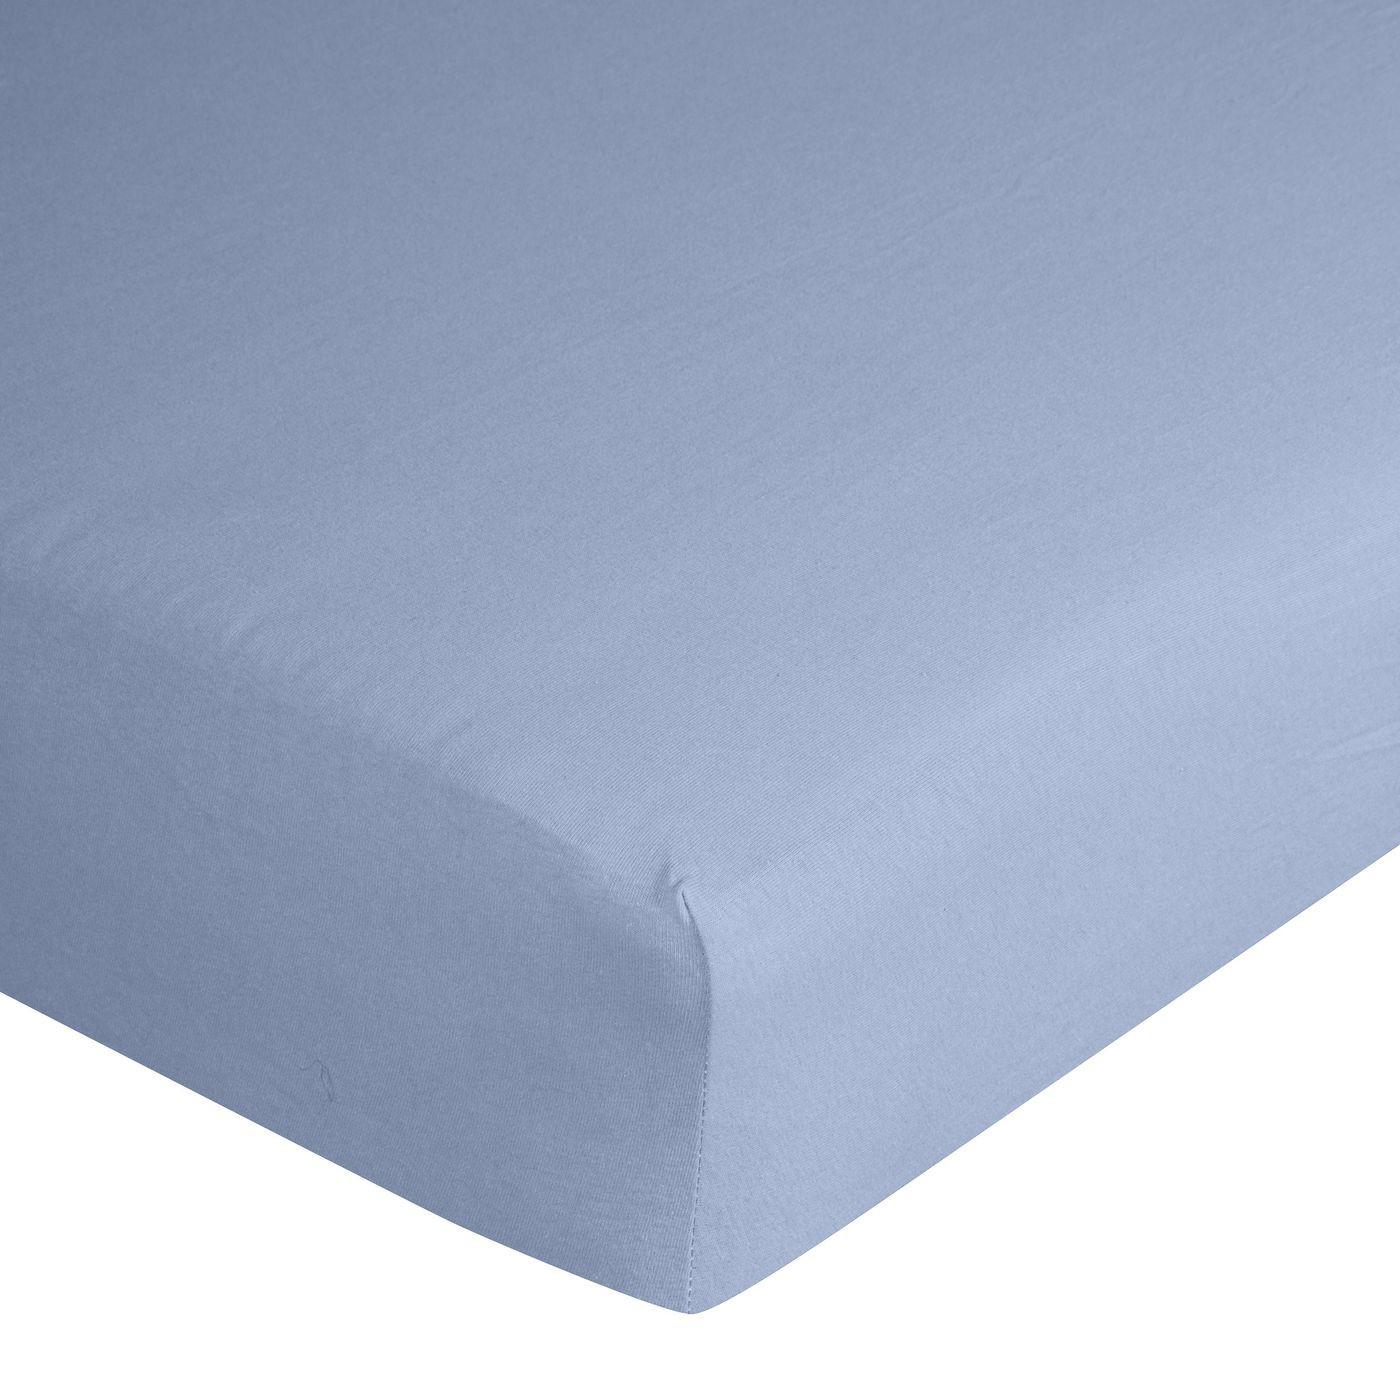 Prześcieradło bawełniane gładkie 160x200+25cm 140 kolor niebieski